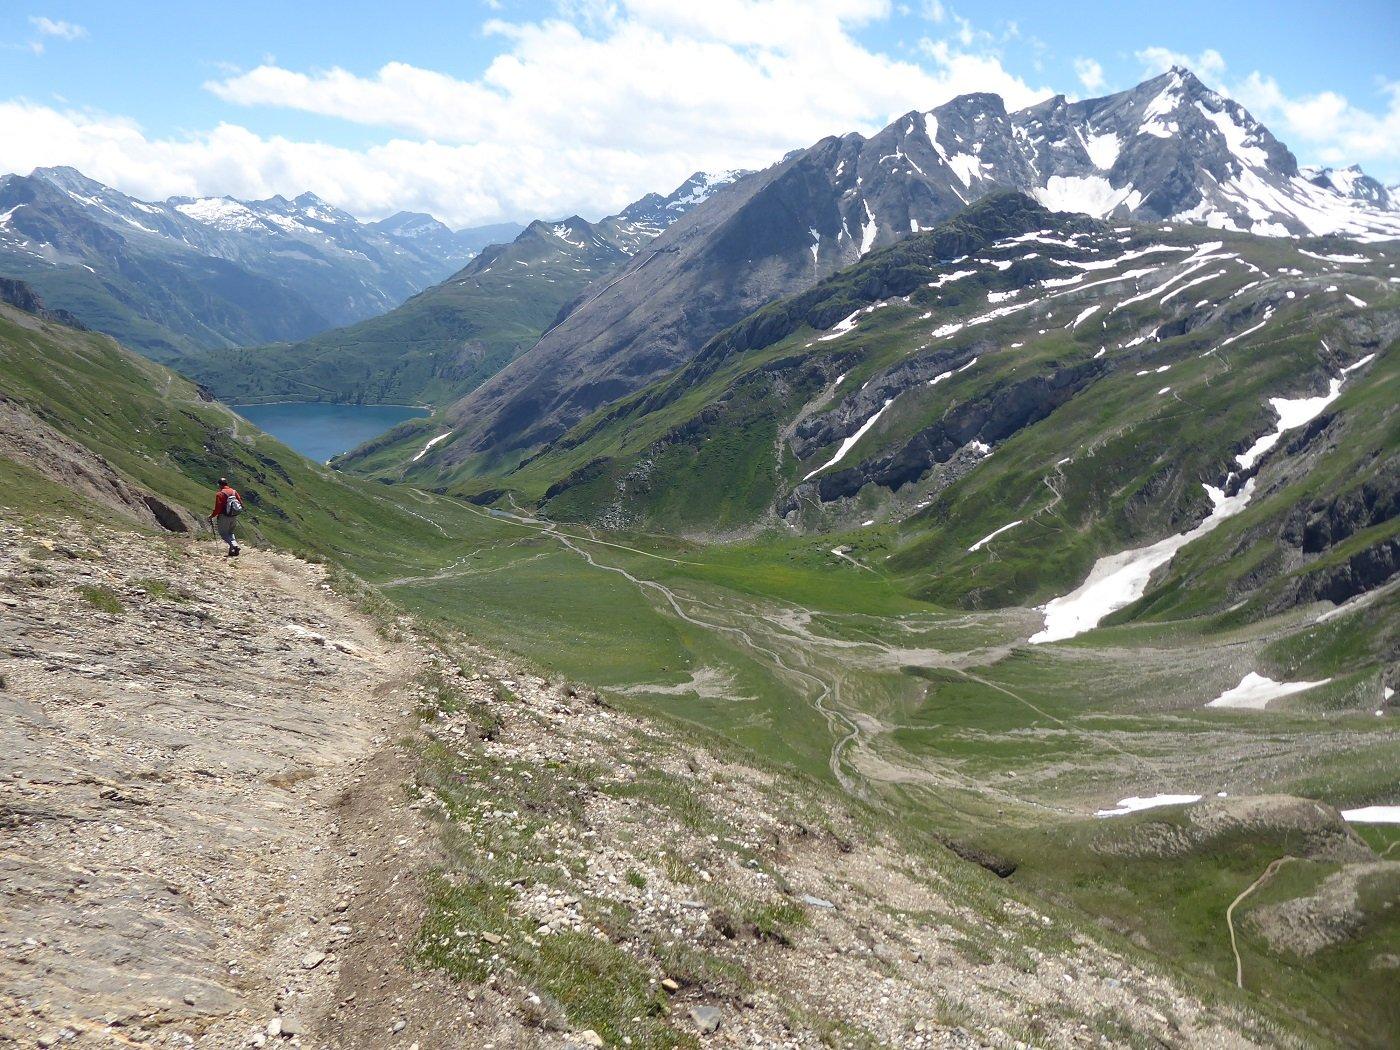 Scendendo dal Passo del Gries con il pianoro dell'Alpe Bettelmatt ed il Lago di Morasco.